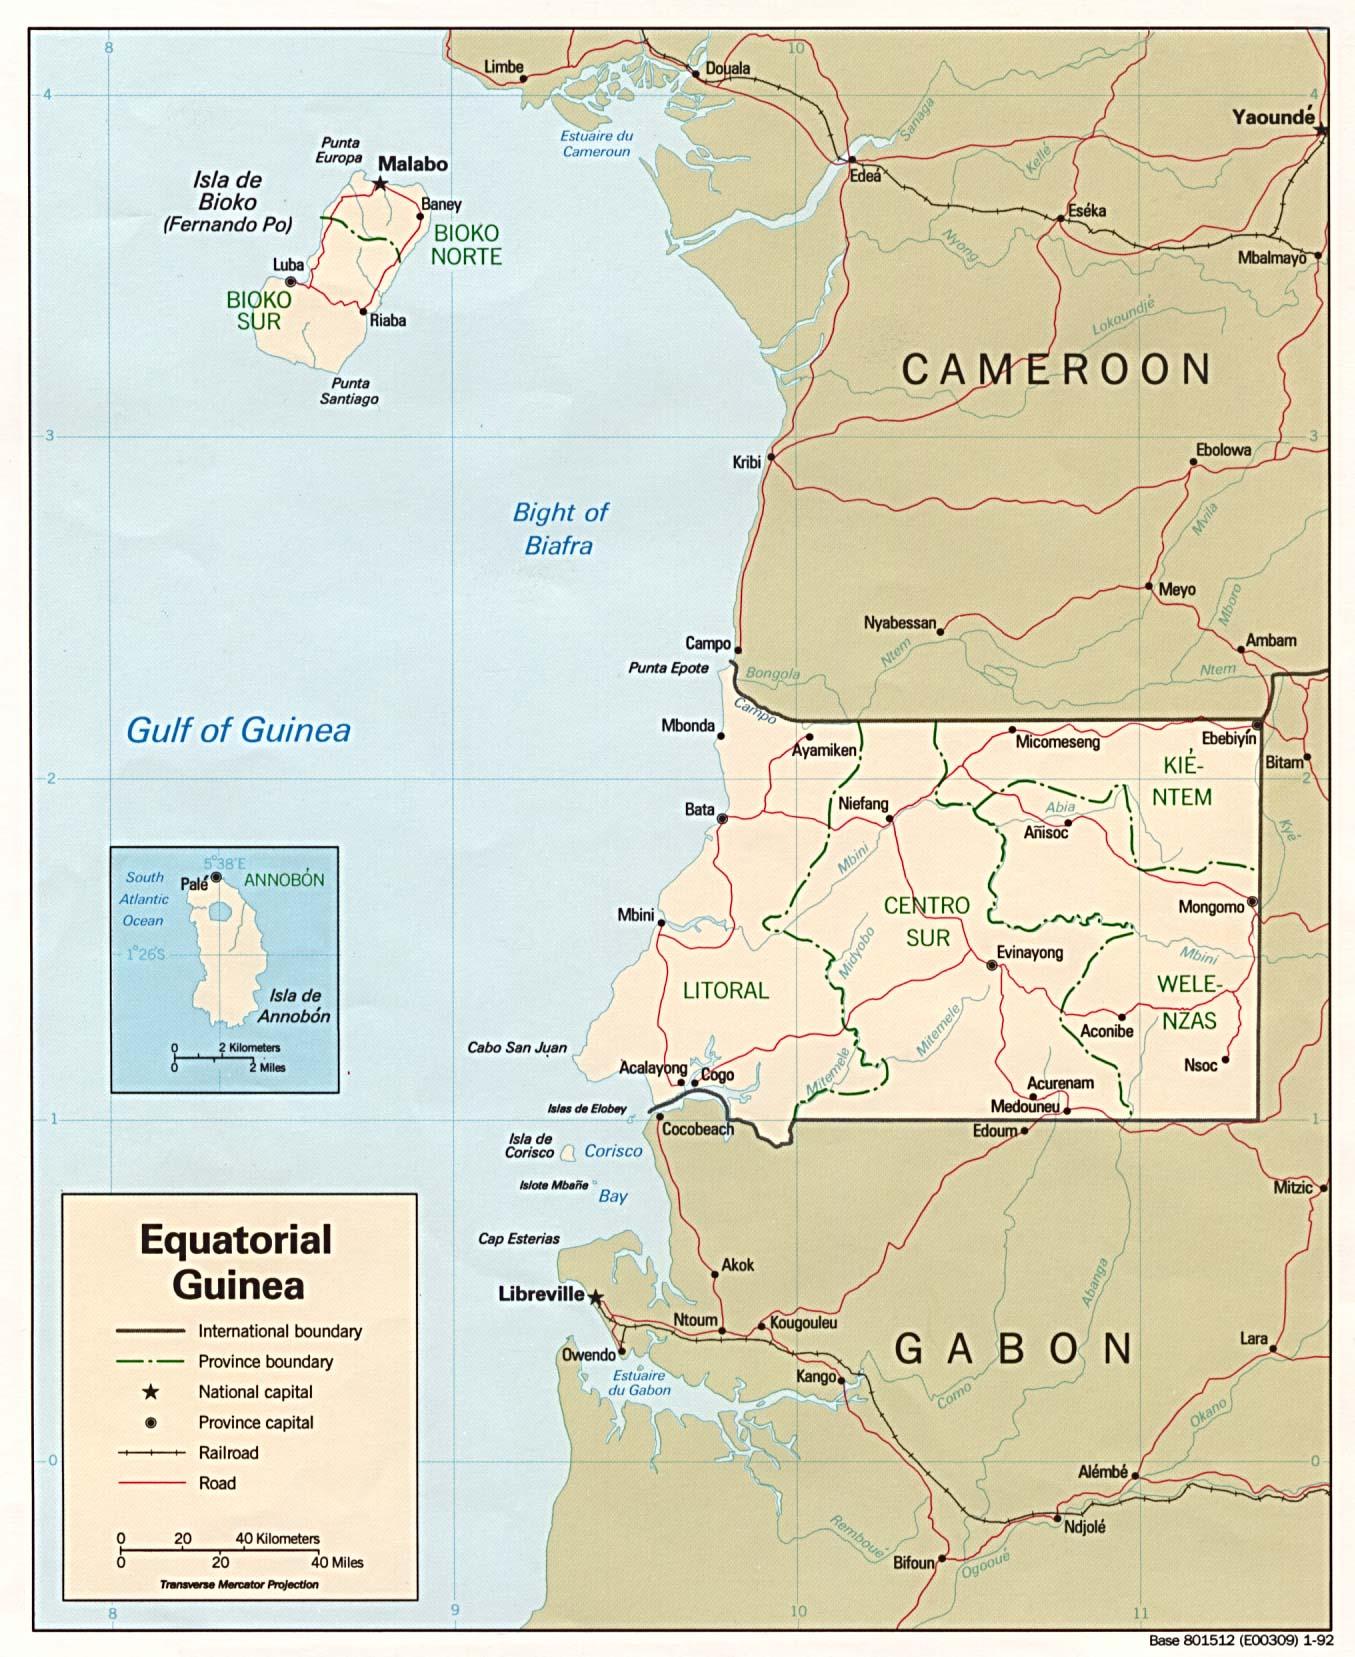 Mapa Politico de Guinea Ecuatorial